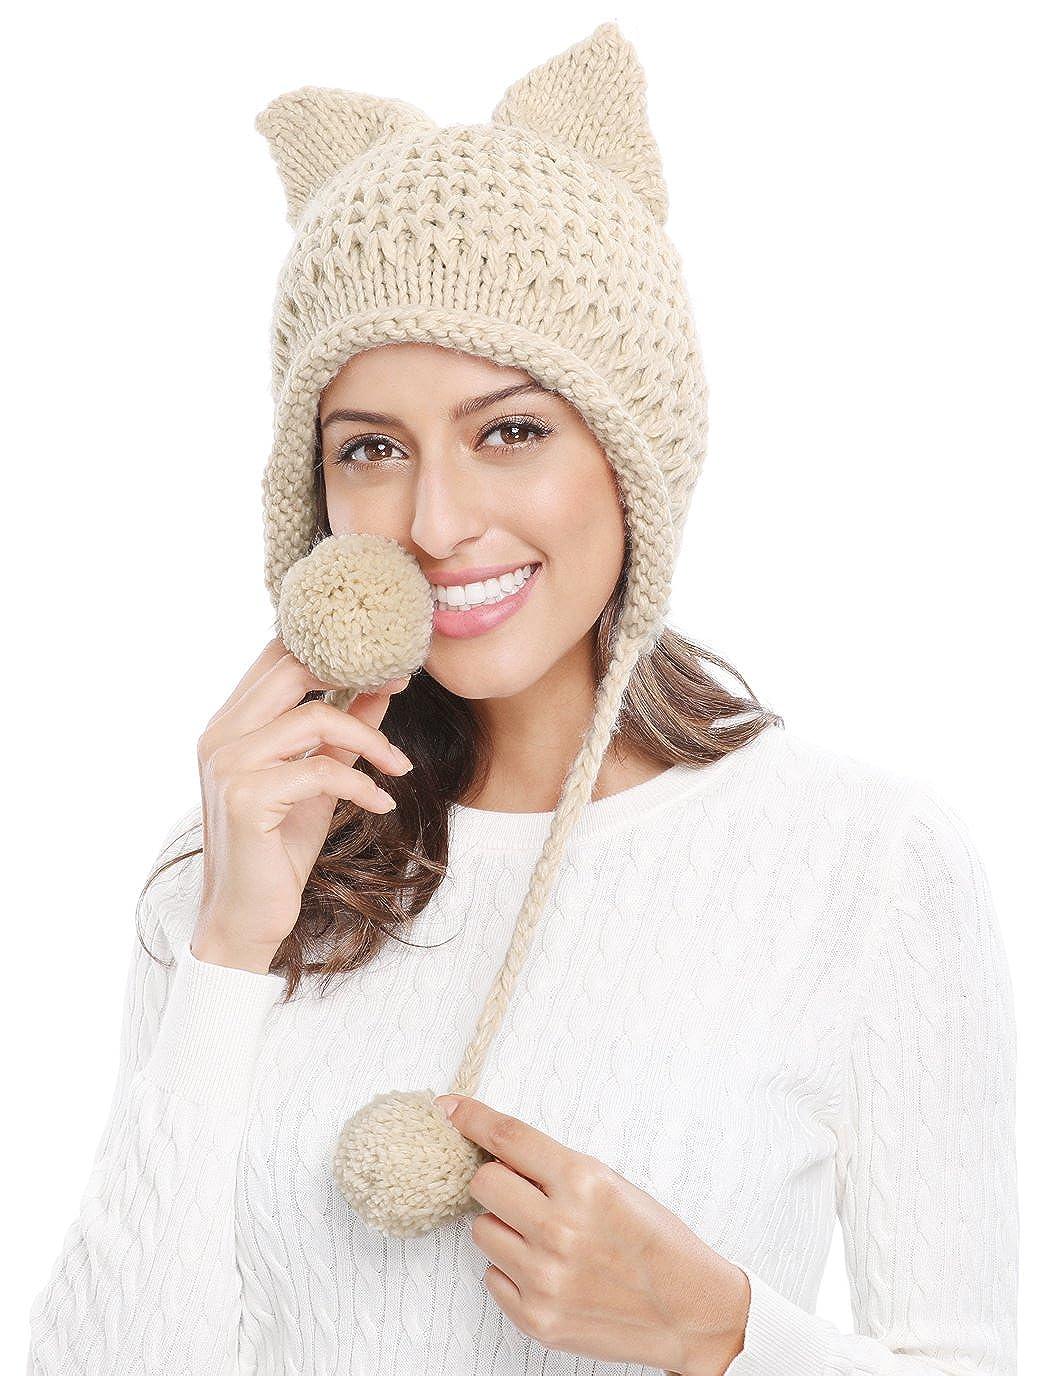 ca18ae11658 Bellady Winter Cute Cat Ears Knit Hat Ear Flap Crochet Beanie Hat ...